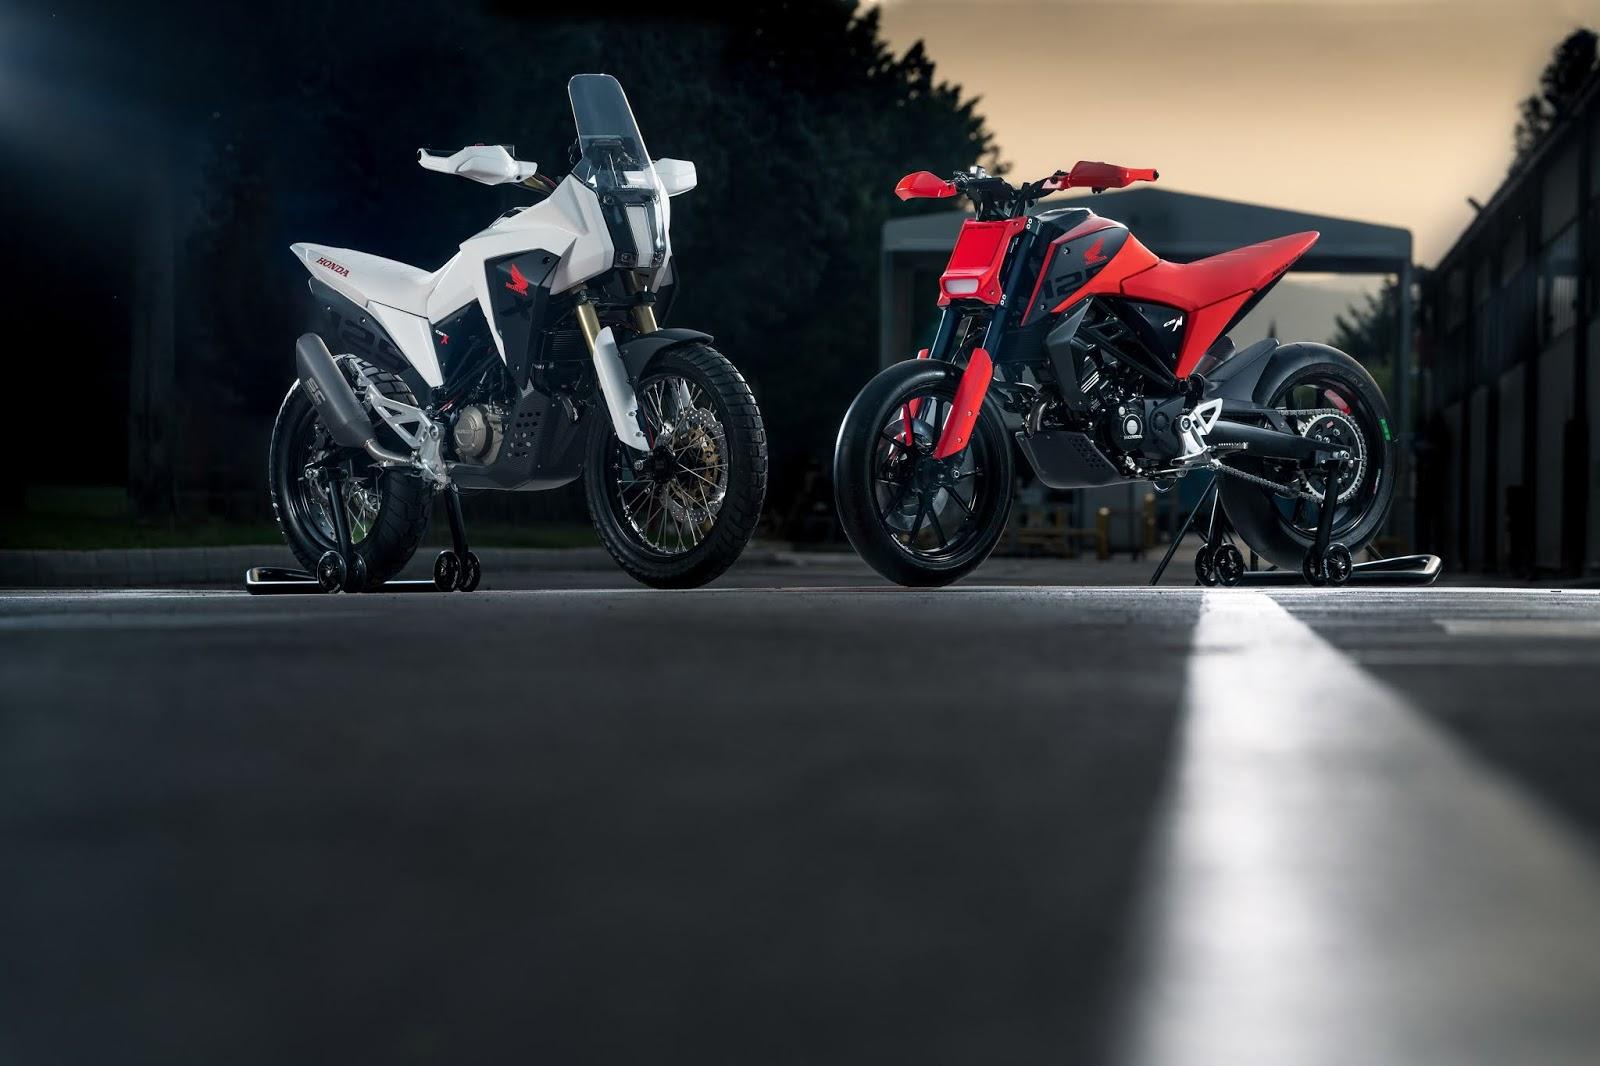 Το Κέντρο Έρευνας και Εξέλιξης της Honda στη Ρώμη φέρνει δύο φουτουριστικά πρωτότυπα στην EICMA